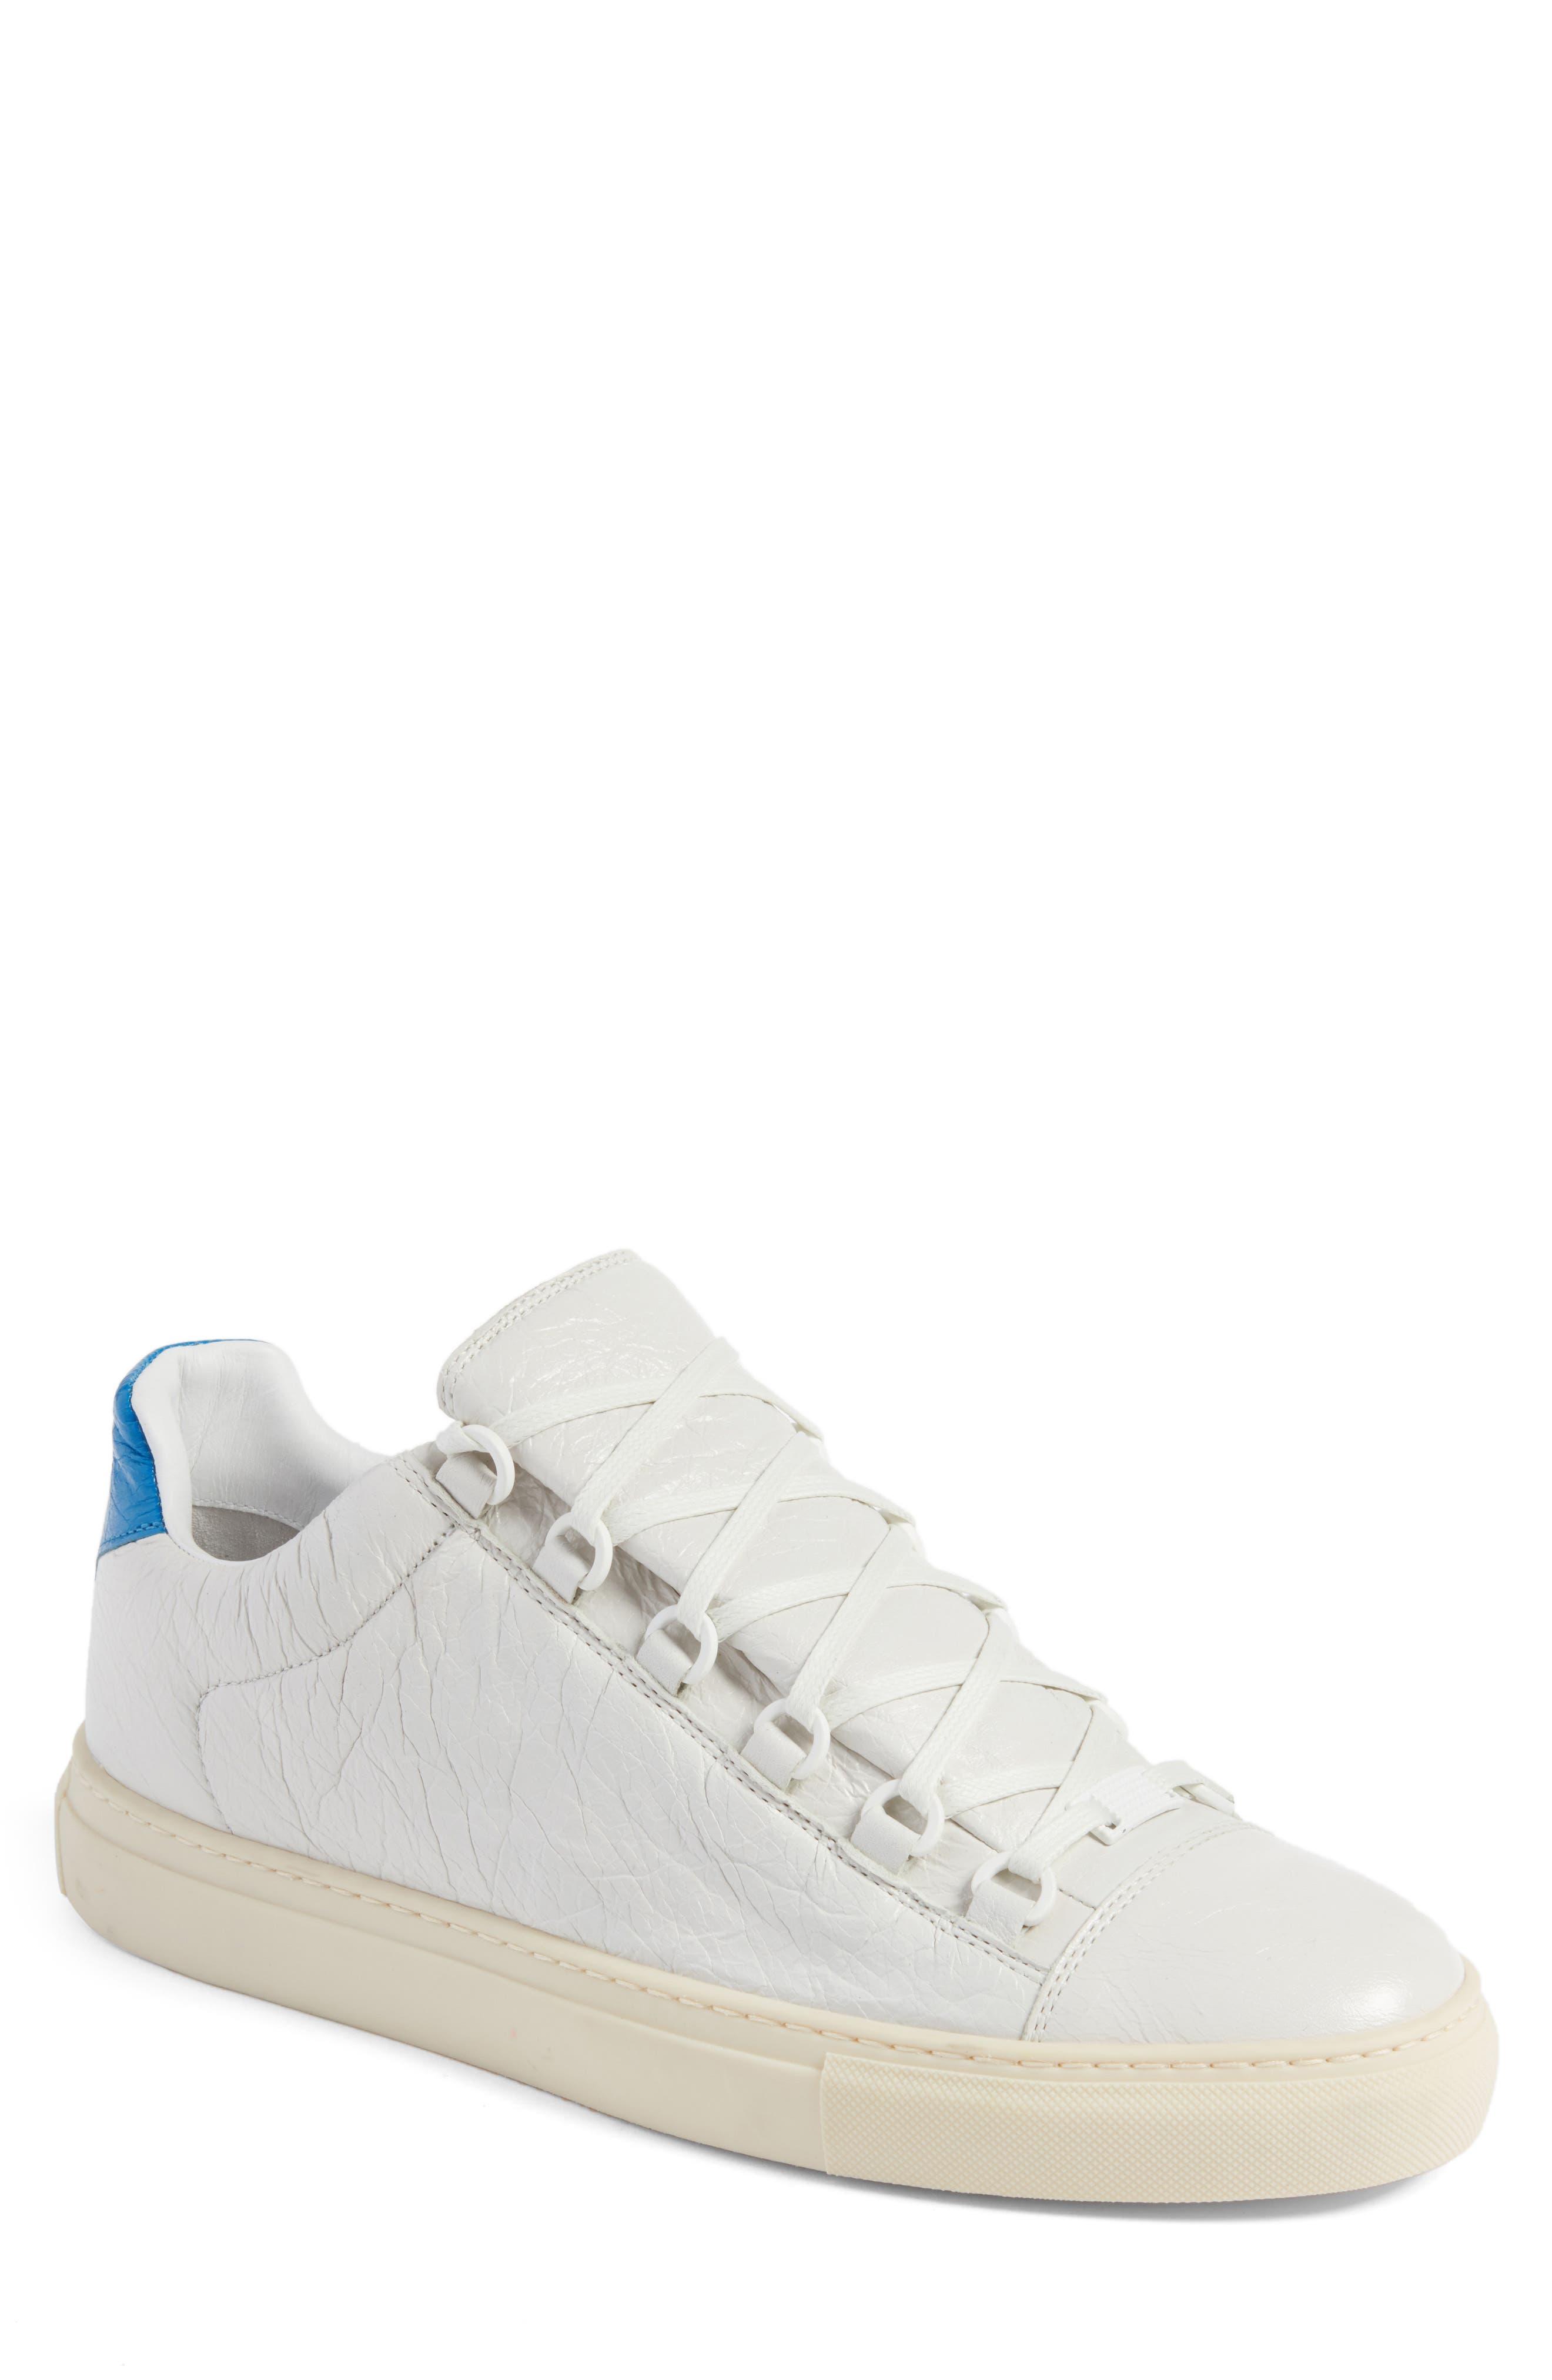 Arena Low Sneaker,                         Main,                         color, 105